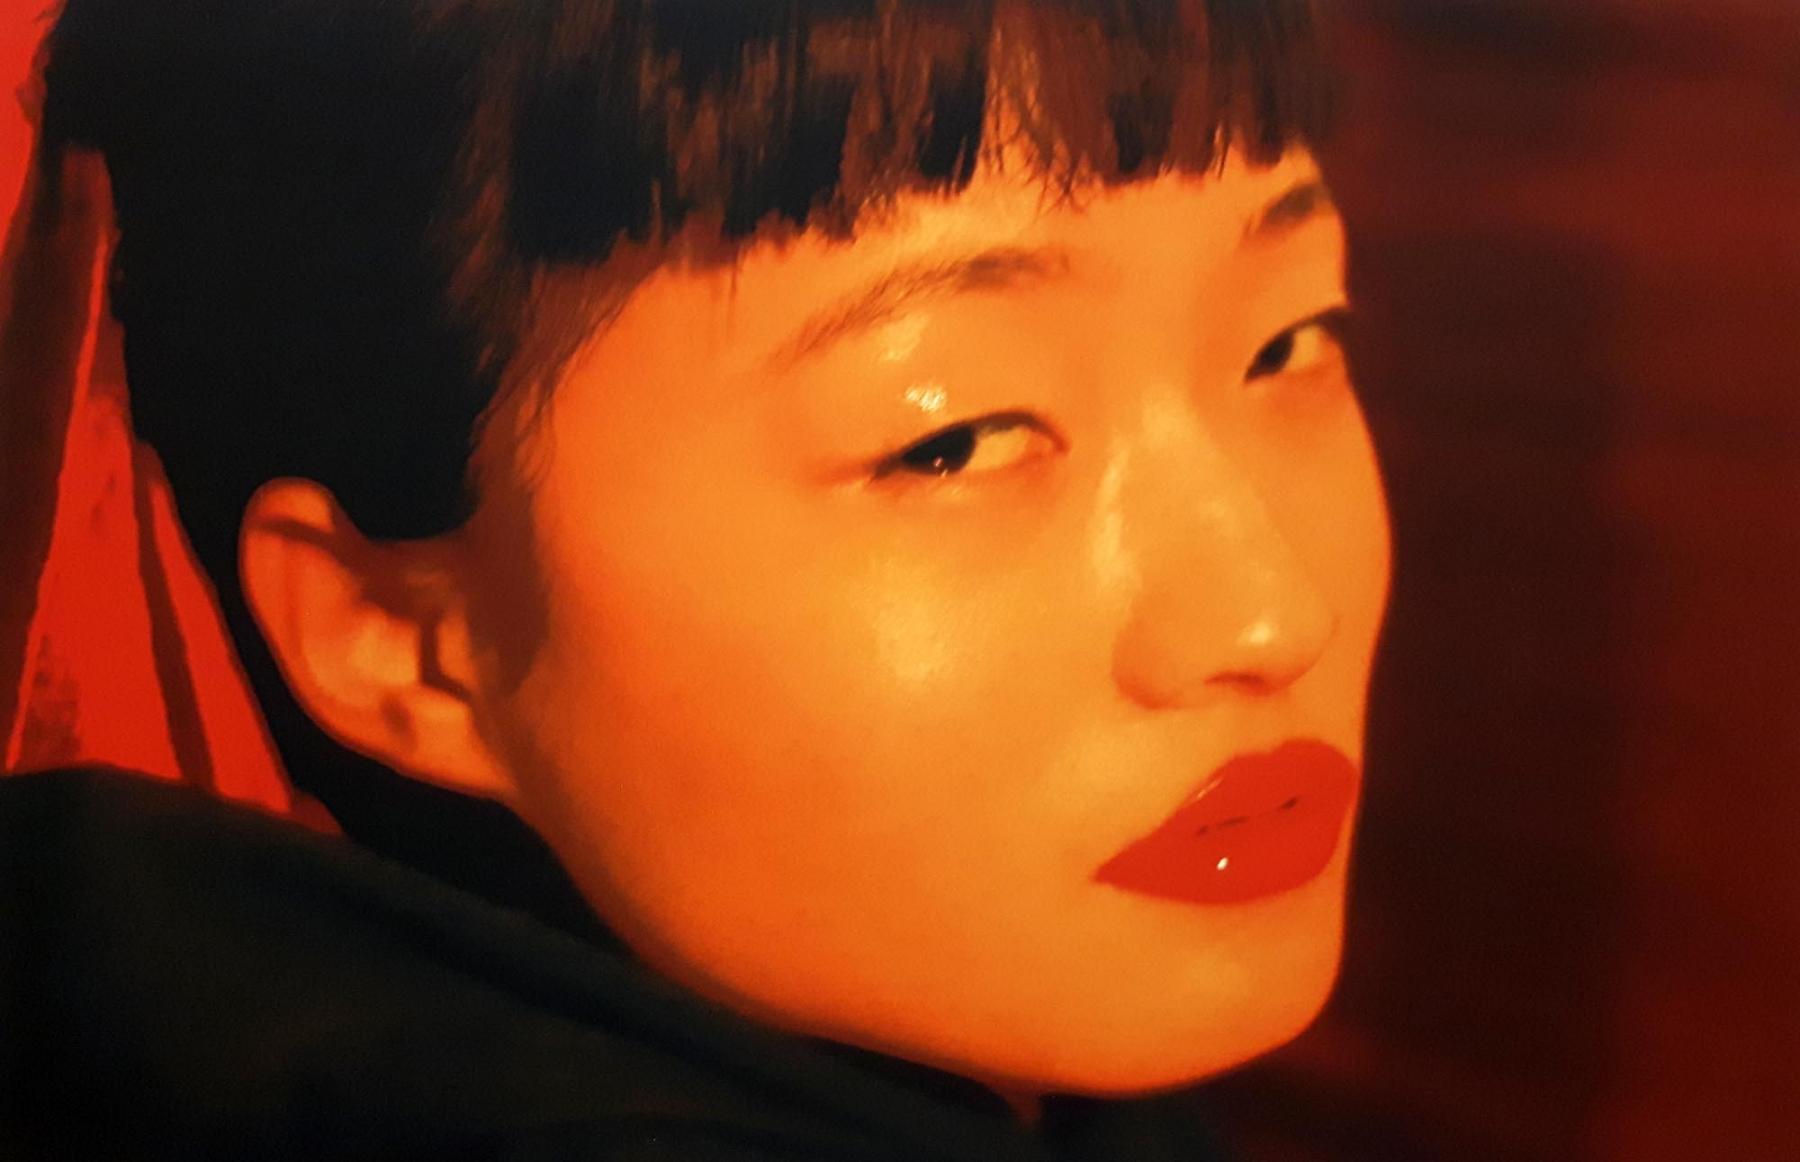 Yoonkyung-Jang-4